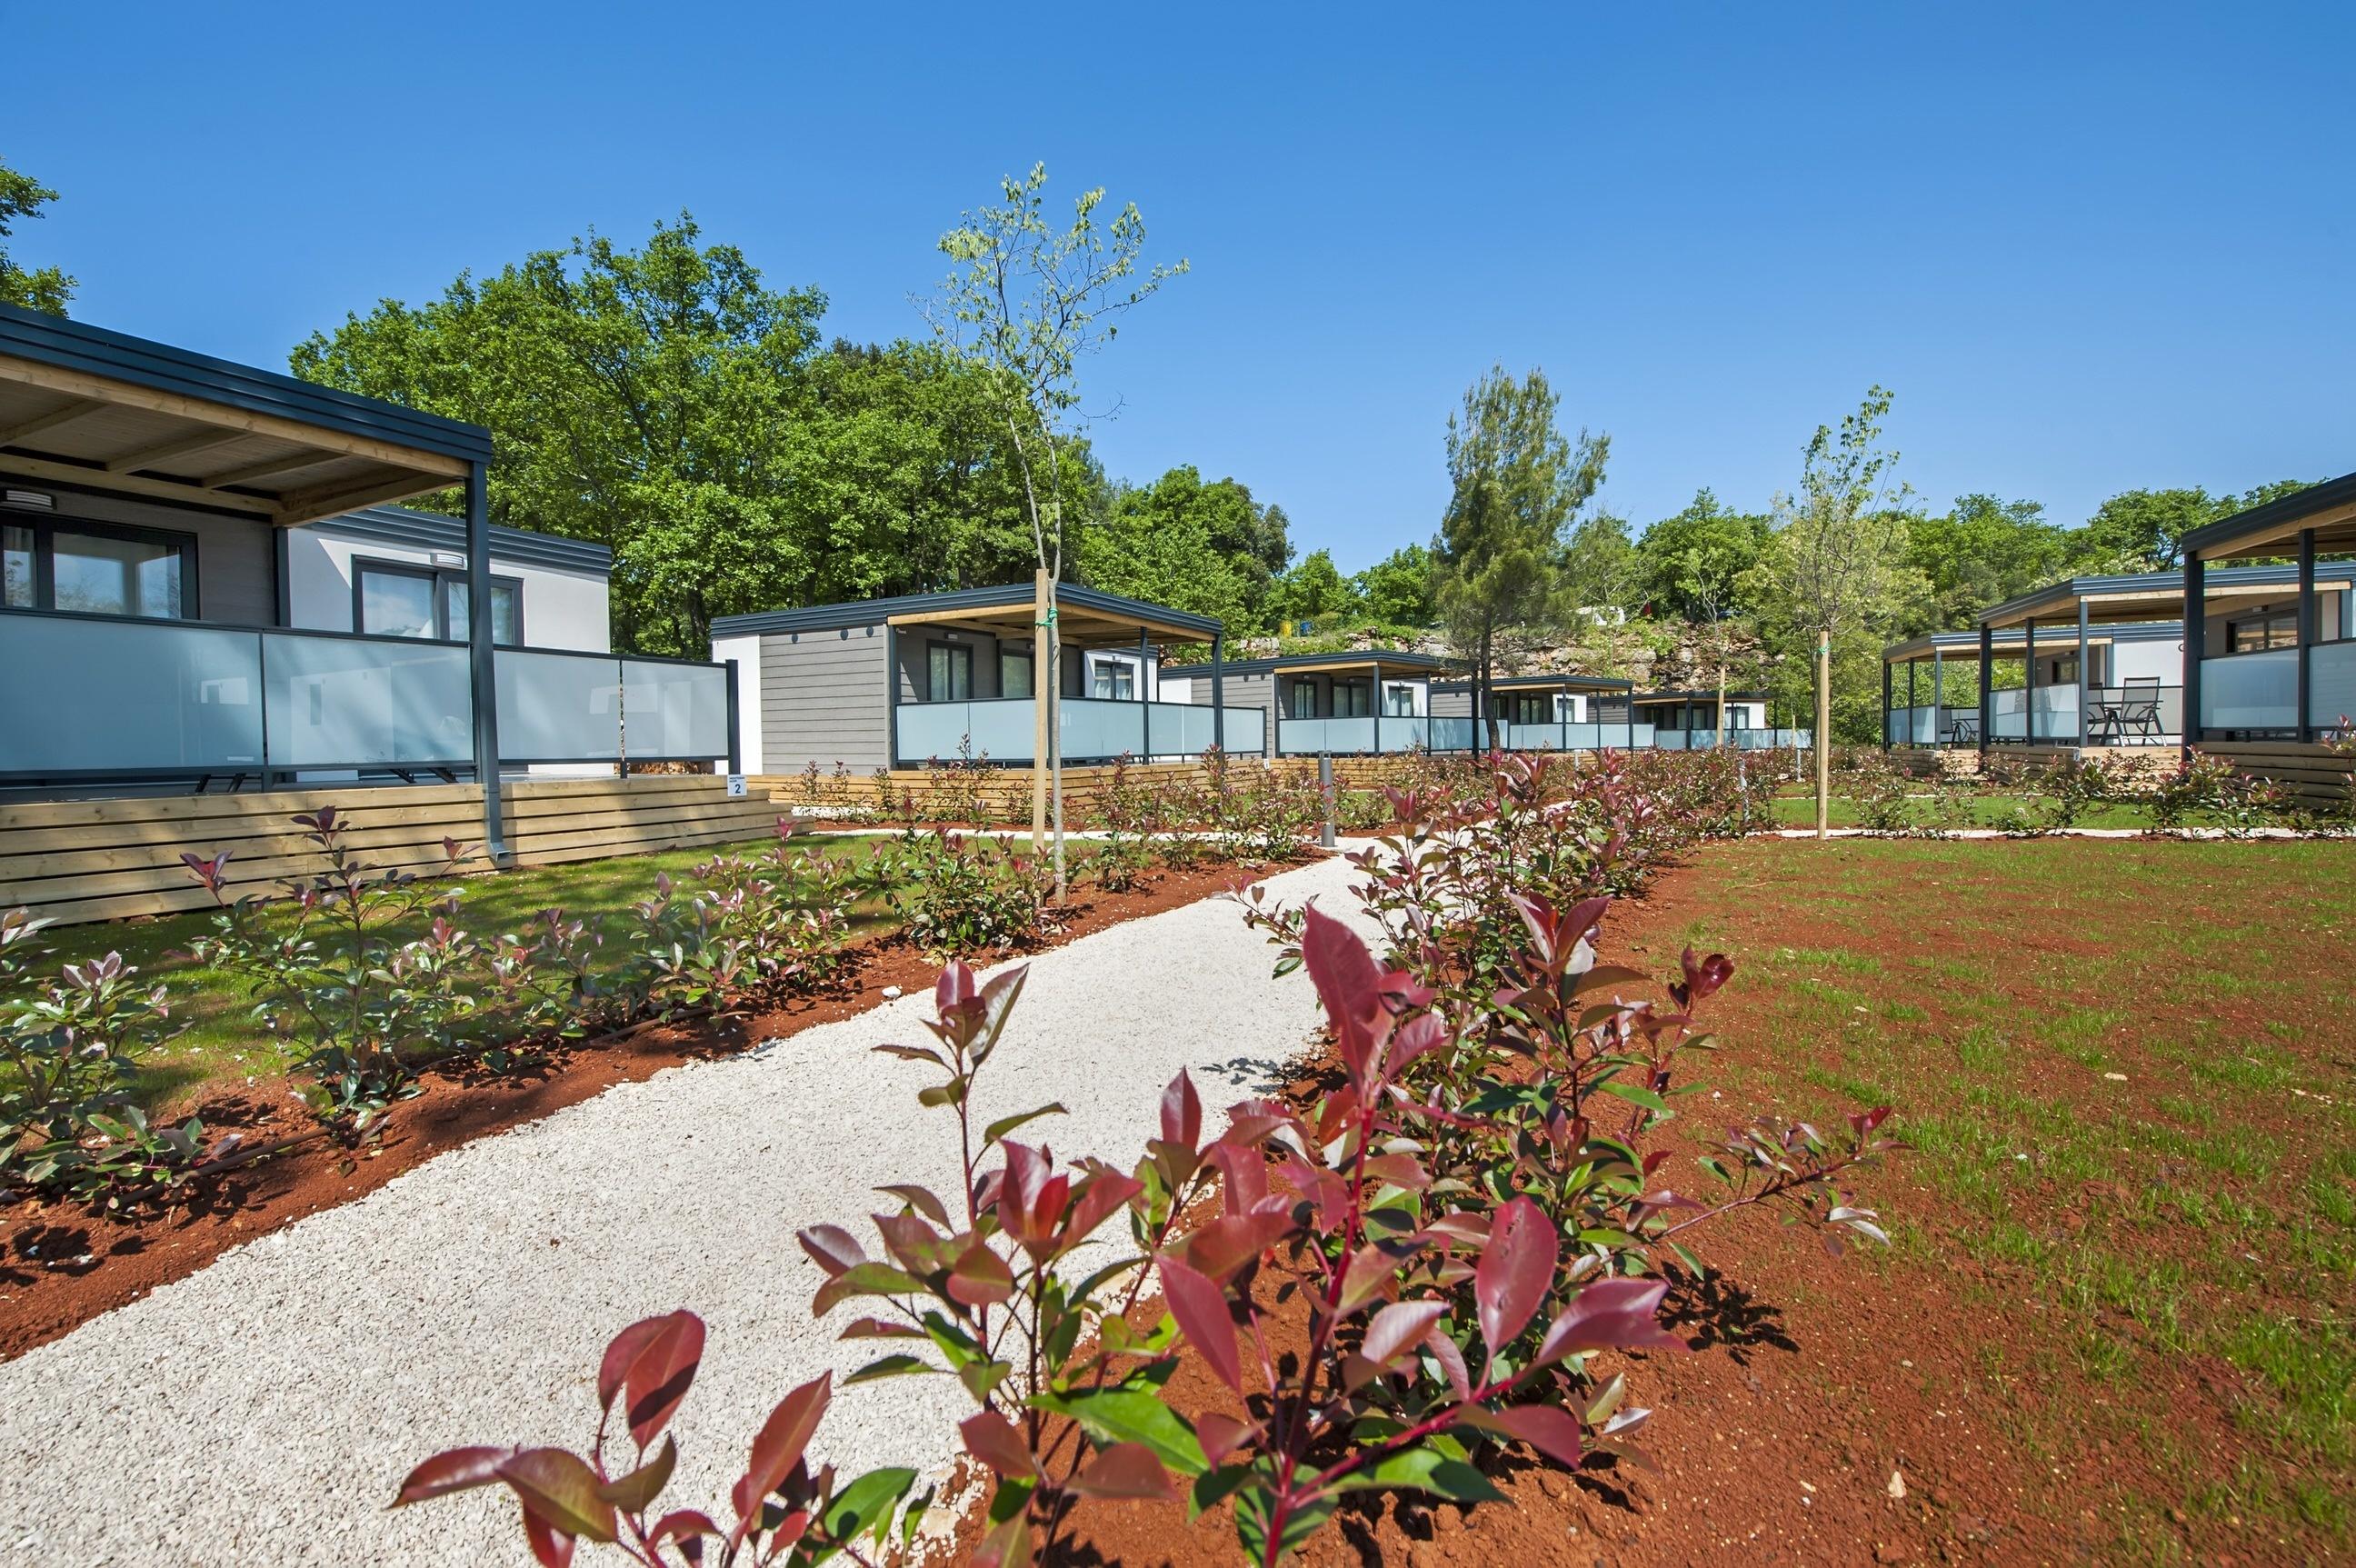 Solaris Camping Resort   Naturist campsite in Istria ⛱️